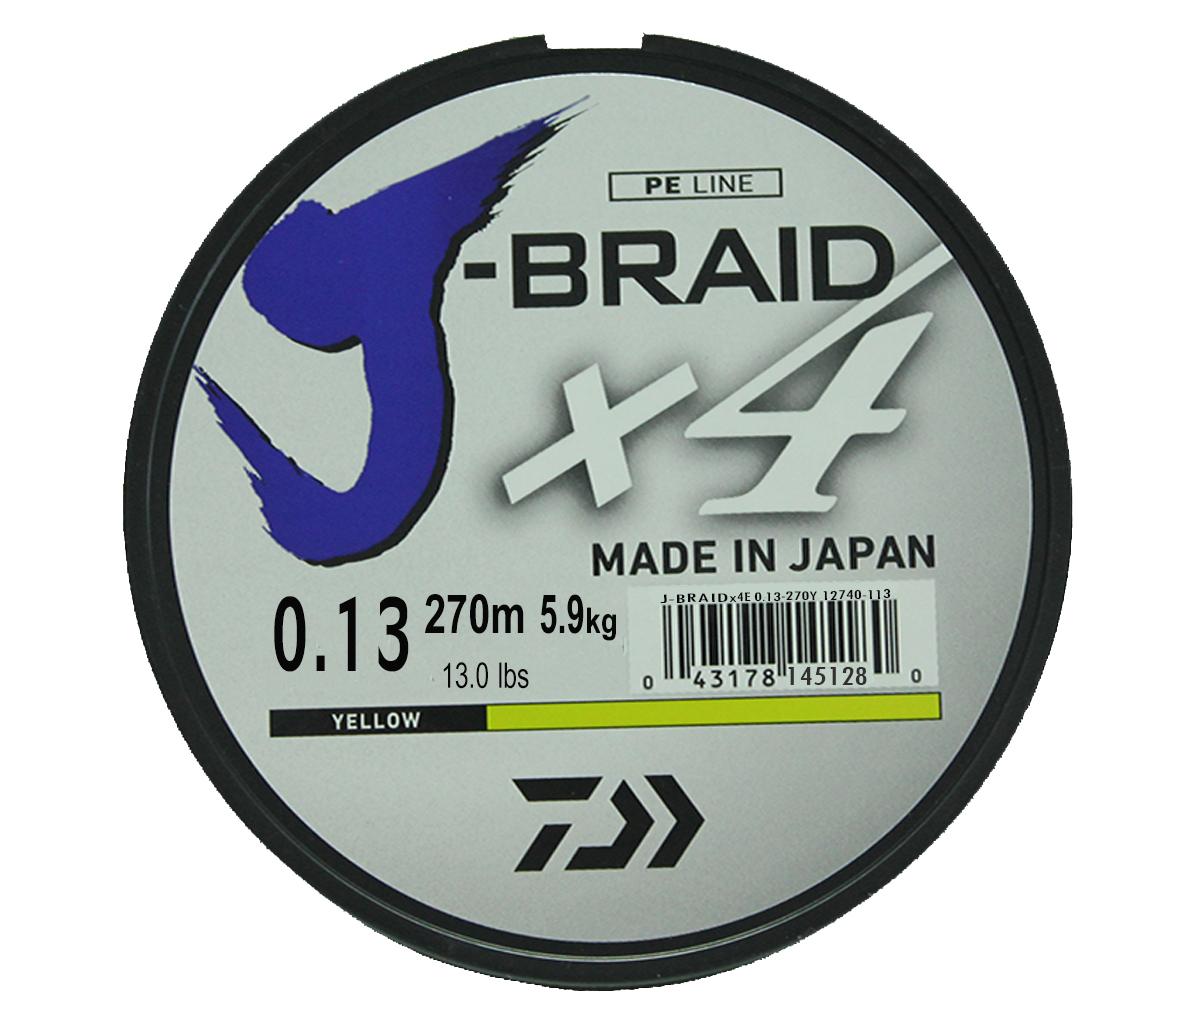 Шнур плетеный Daiwa J-Braid X4, цвет: флуоресцентный желтый, 270 м, 0,13 мм61147Новый 4х жильный шнур J-Braid, DAIWA - шнур высокого класса с удивительным соотношением цены и качества. Качество плетения полностью соответствует японским стандартам и удовлетворяет всем требованиям. Представленные диаметры позволяют использовать шнур для всех техник ловли, начиная от ultra- light ловли окуня, до морской ловли палтуса, трески и т.д